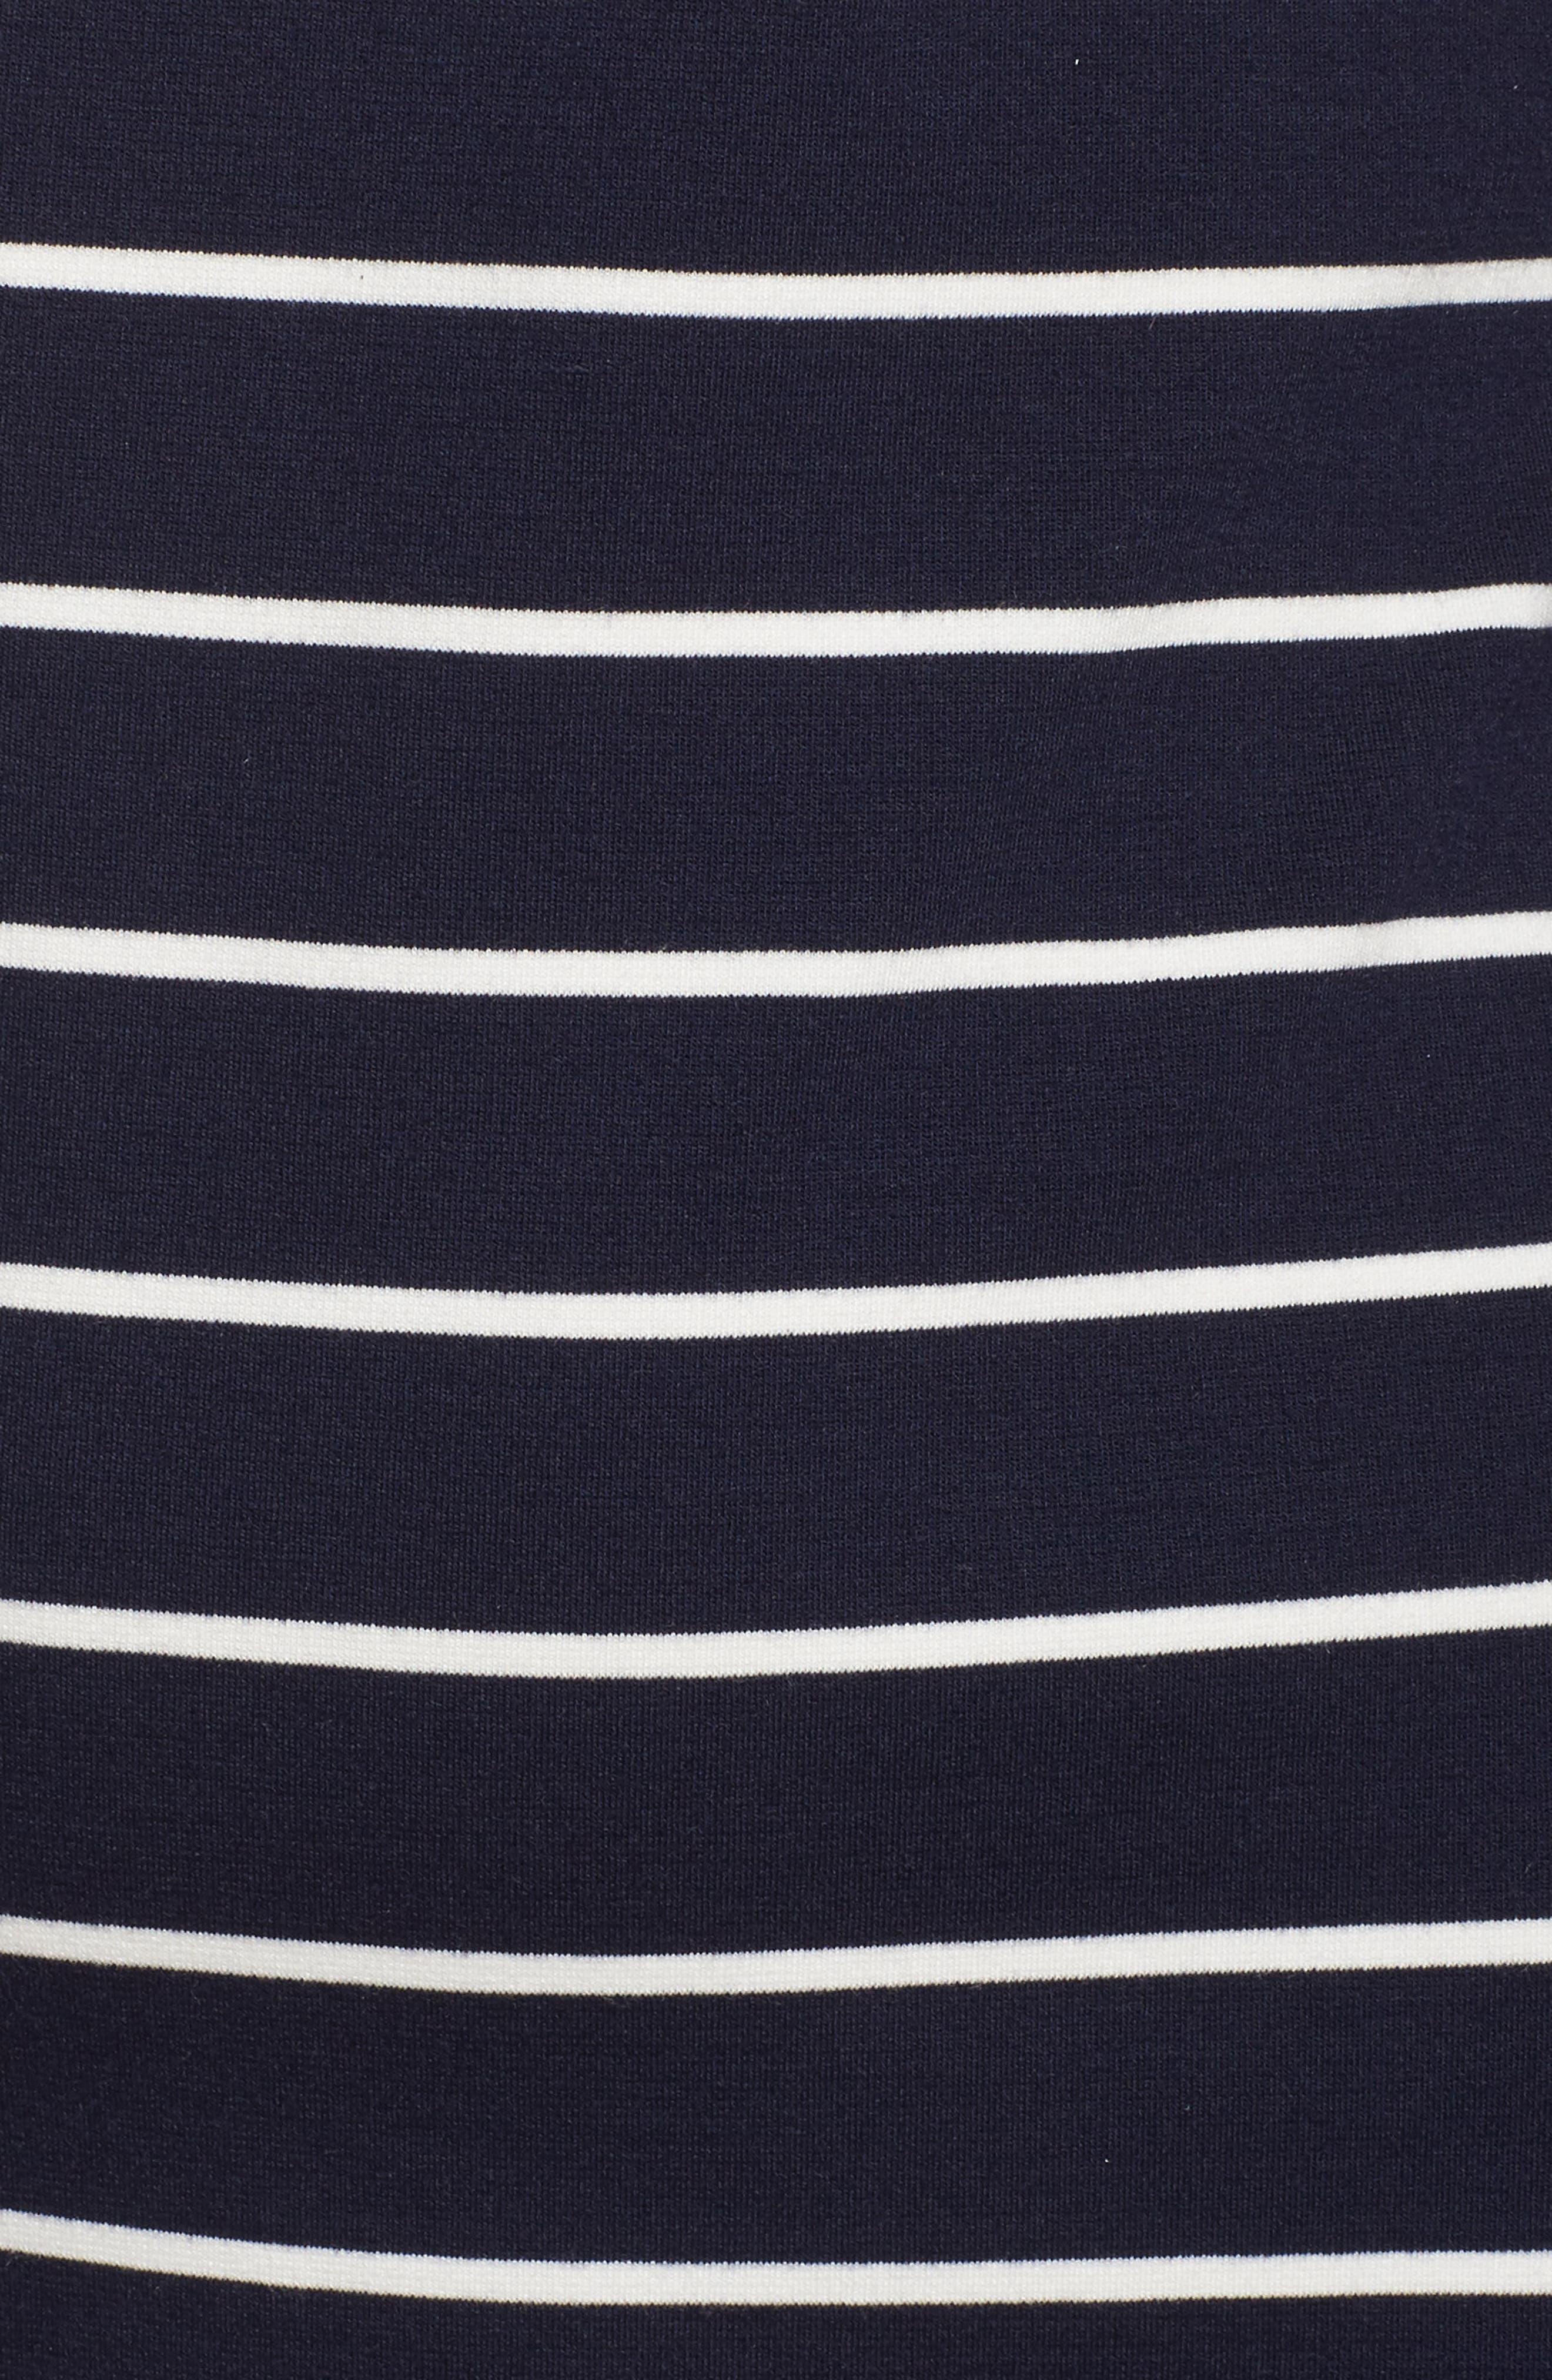 Stripe Flower Detail Shift Dress,                             Alternate thumbnail 5, color,                             Navy